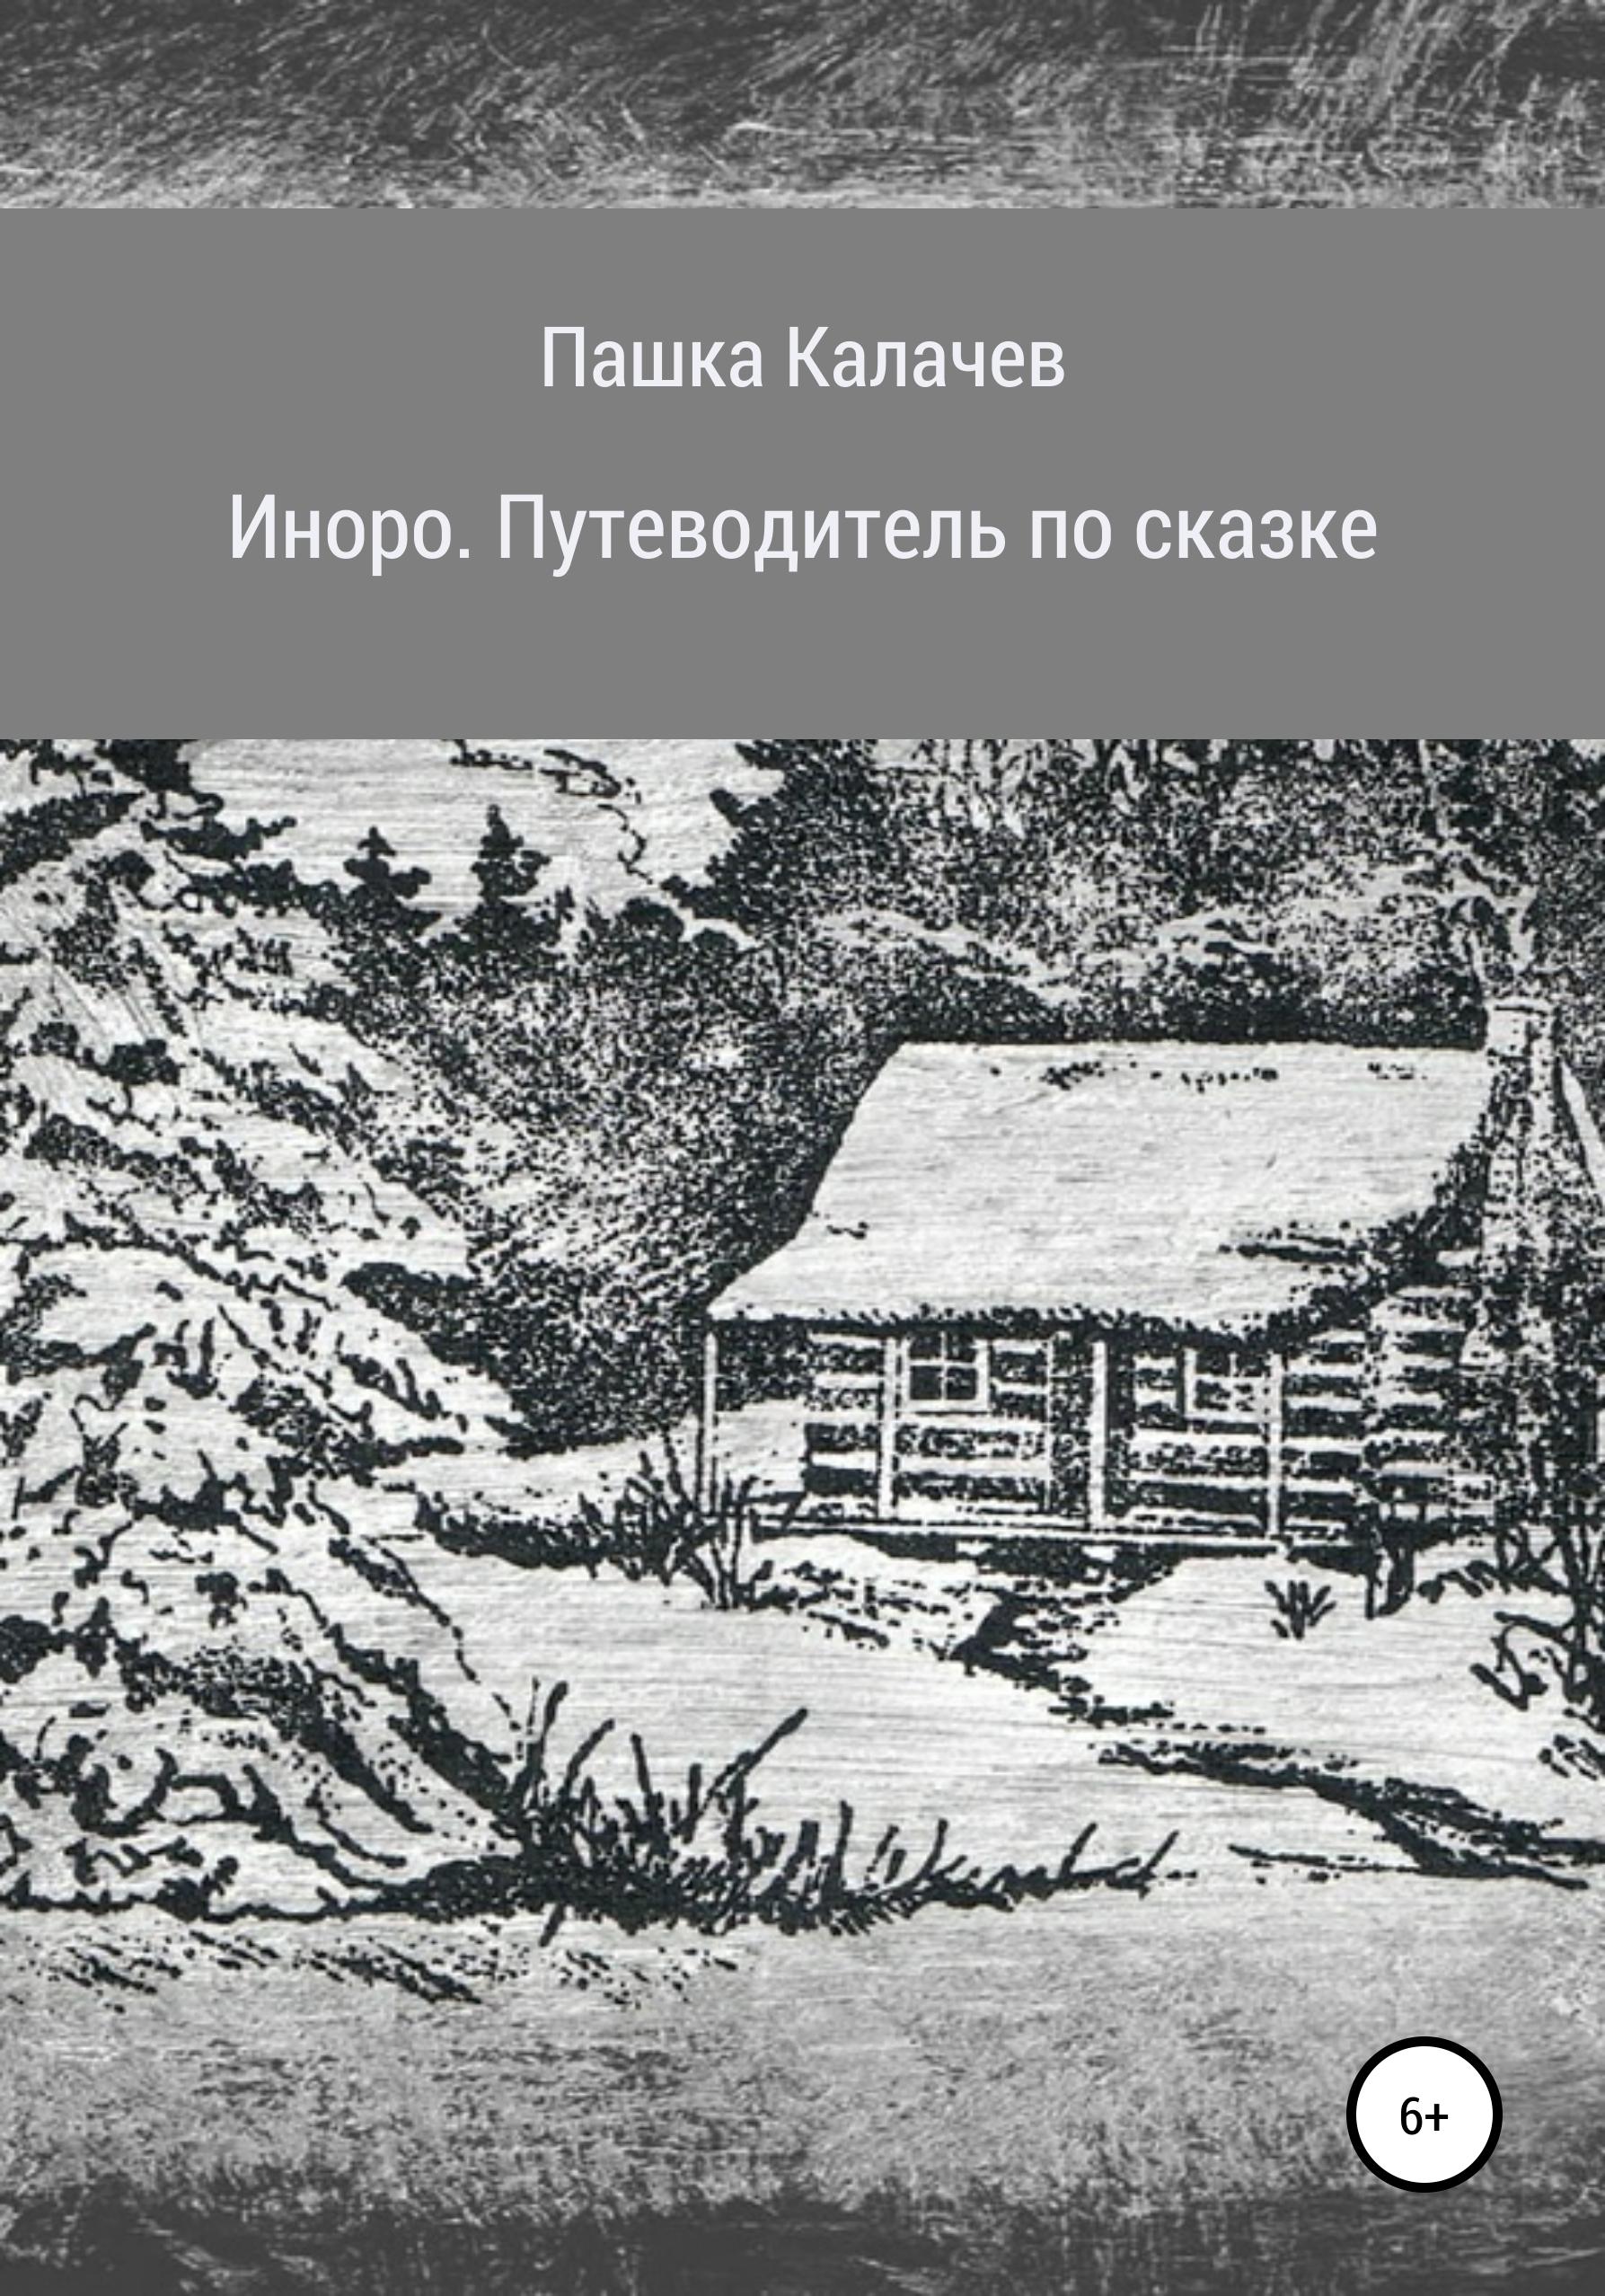 Купить книгу Иноро. Путеводитель по сказке, автора Павла Олеговича Калачева